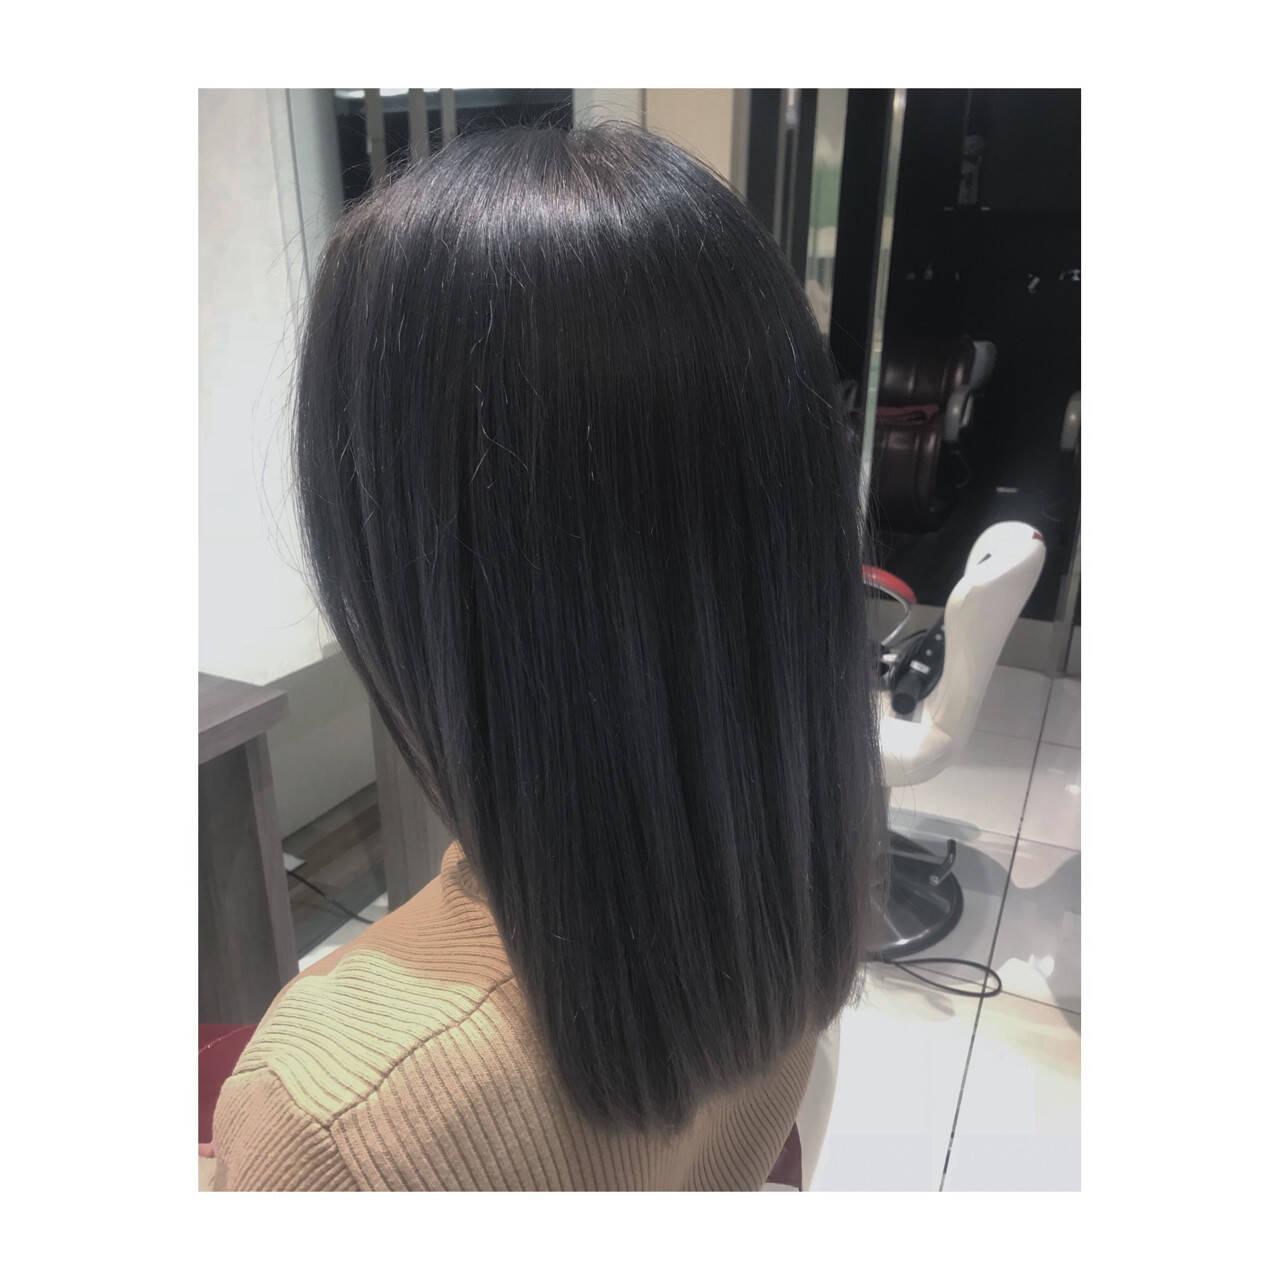 アッシュ 外国人風カラー ミディアム ブリーチヘアスタイルや髪型の写真・画像